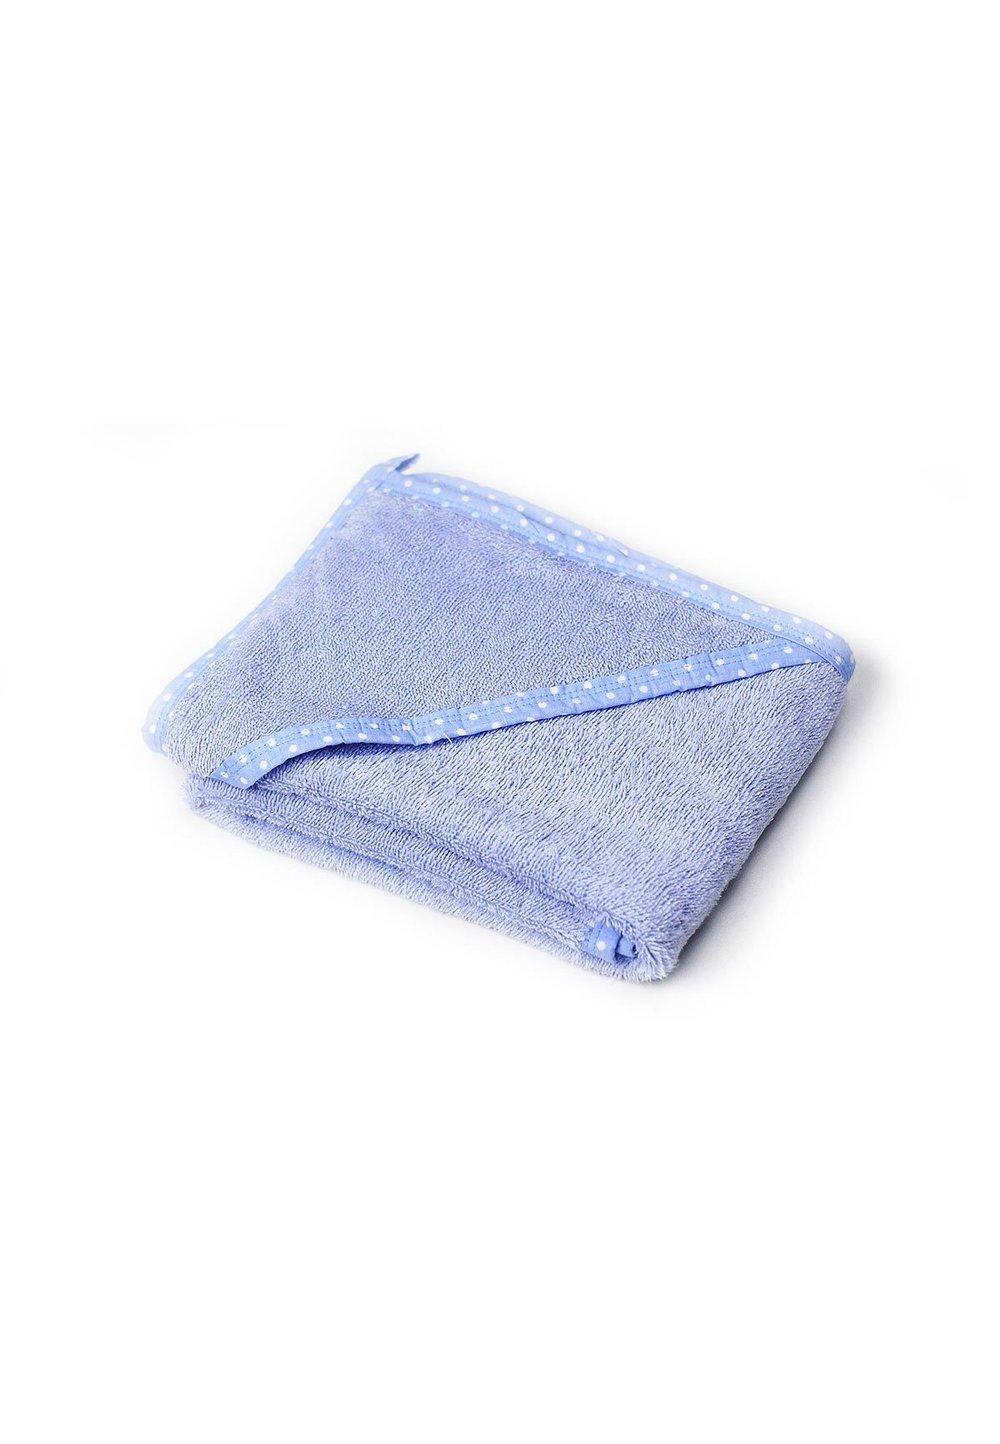 Prosop baie cu gluga, bumbac, albastru cu bulinute albe , 75x75cm imagine